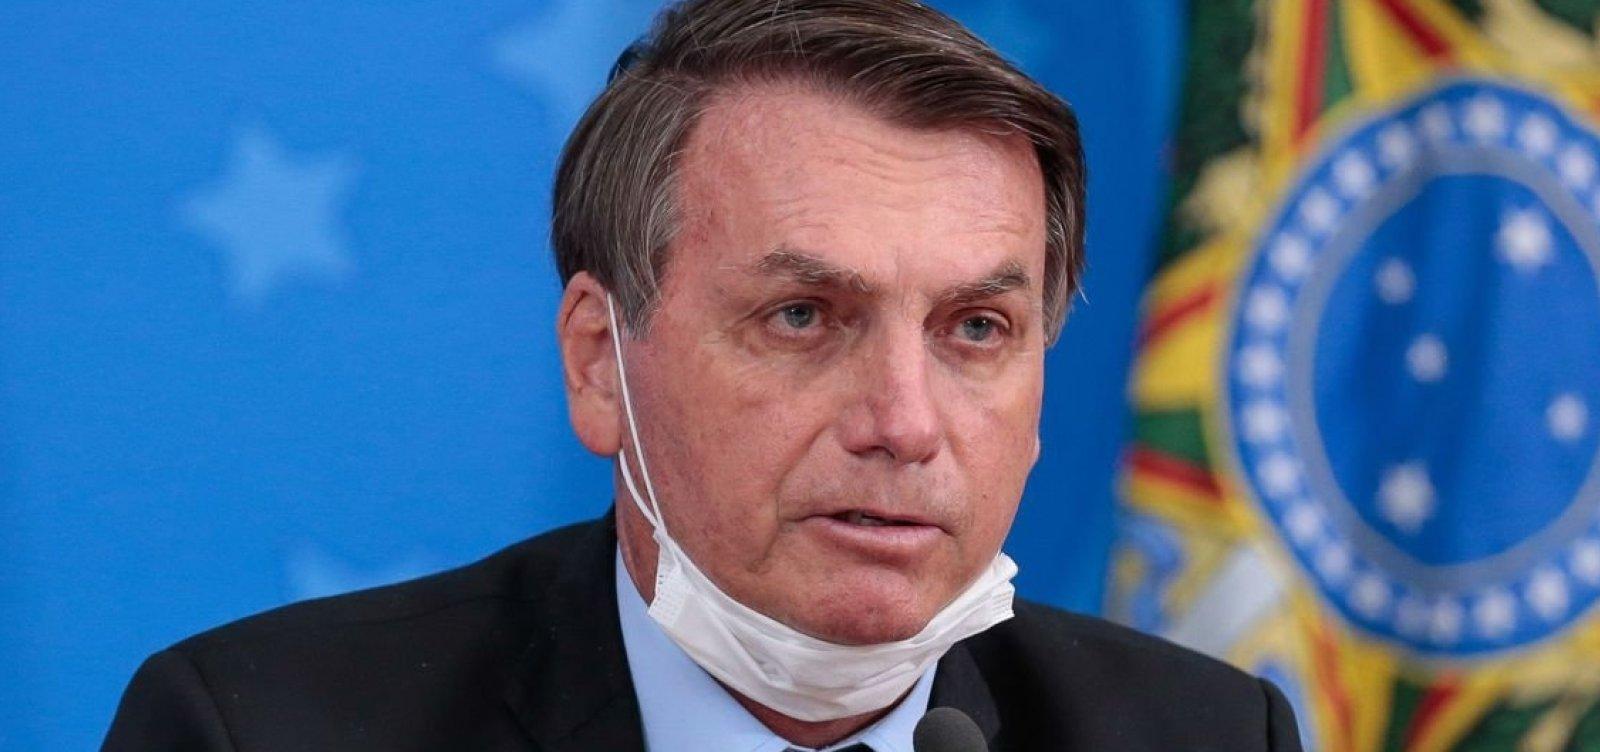 [Crítico do isolamento e favorável ao tratamento precoce, Bolsonaro diz nunca ter errado no combate à pandemia ]